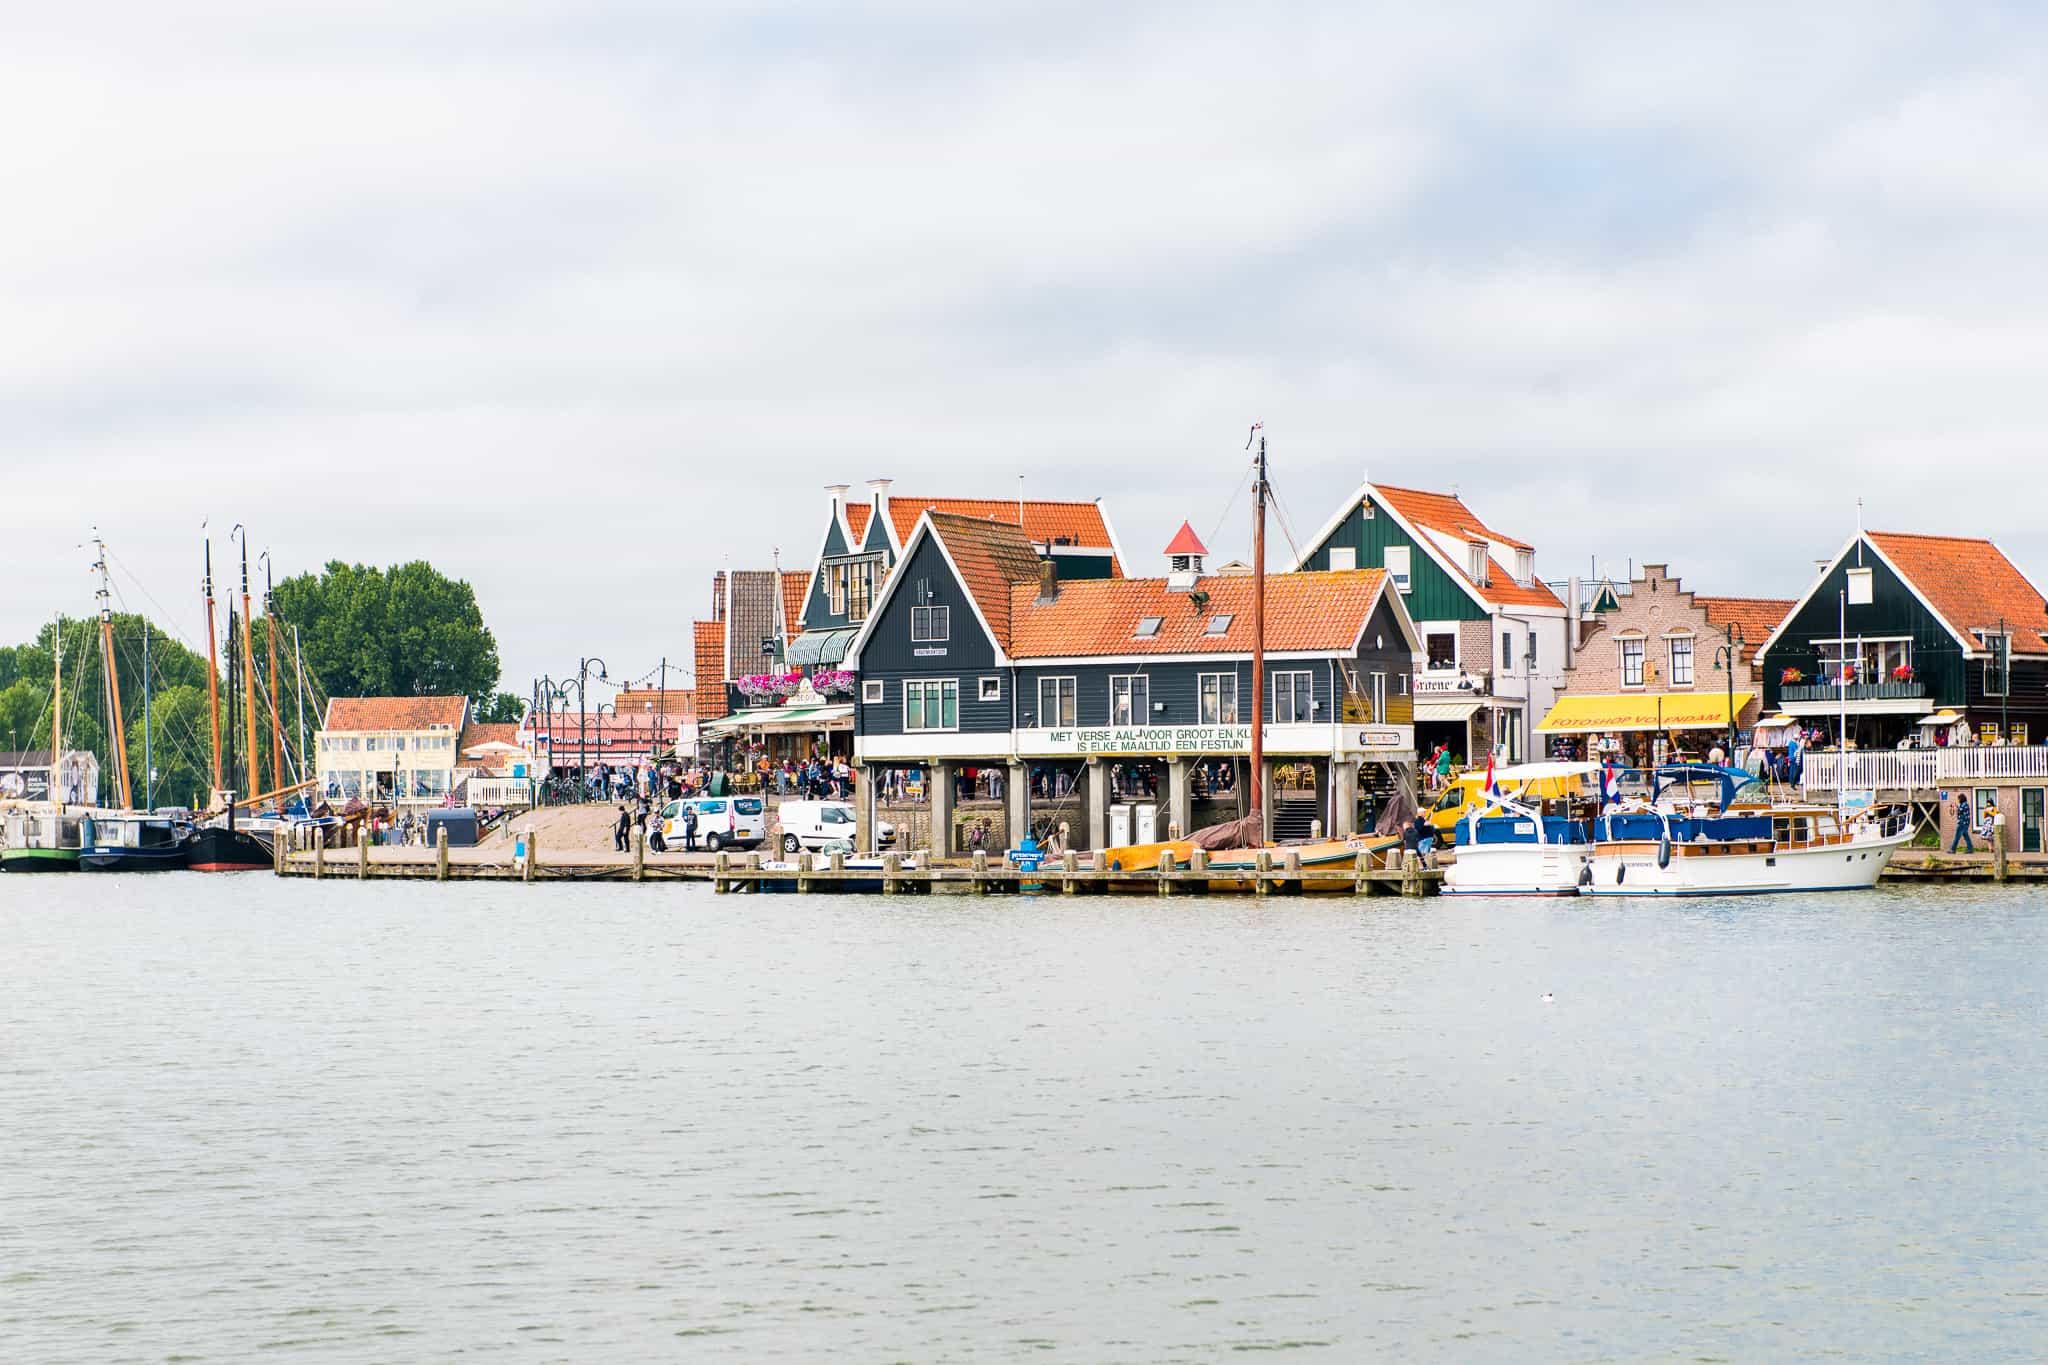 Afvaartlocatie haven Volendam